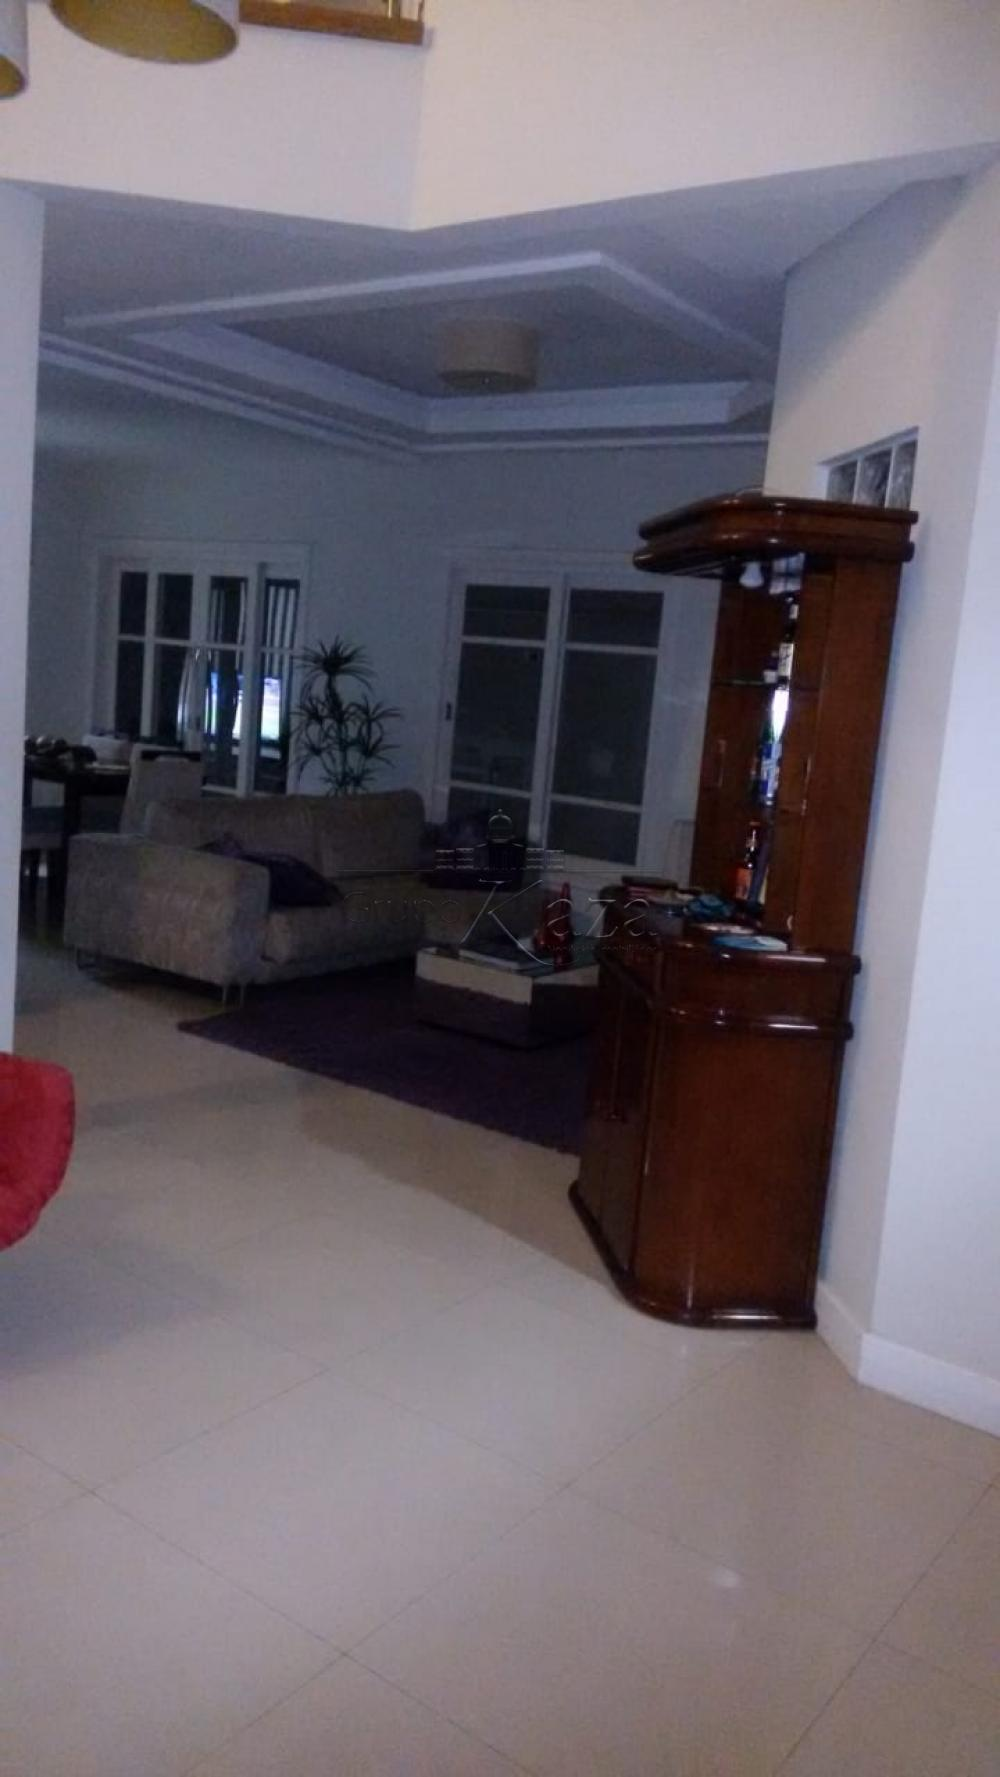 Comprar Casa / Condomínio em São José dos Campos apenas R$ 1.300.000,00 - Foto 7